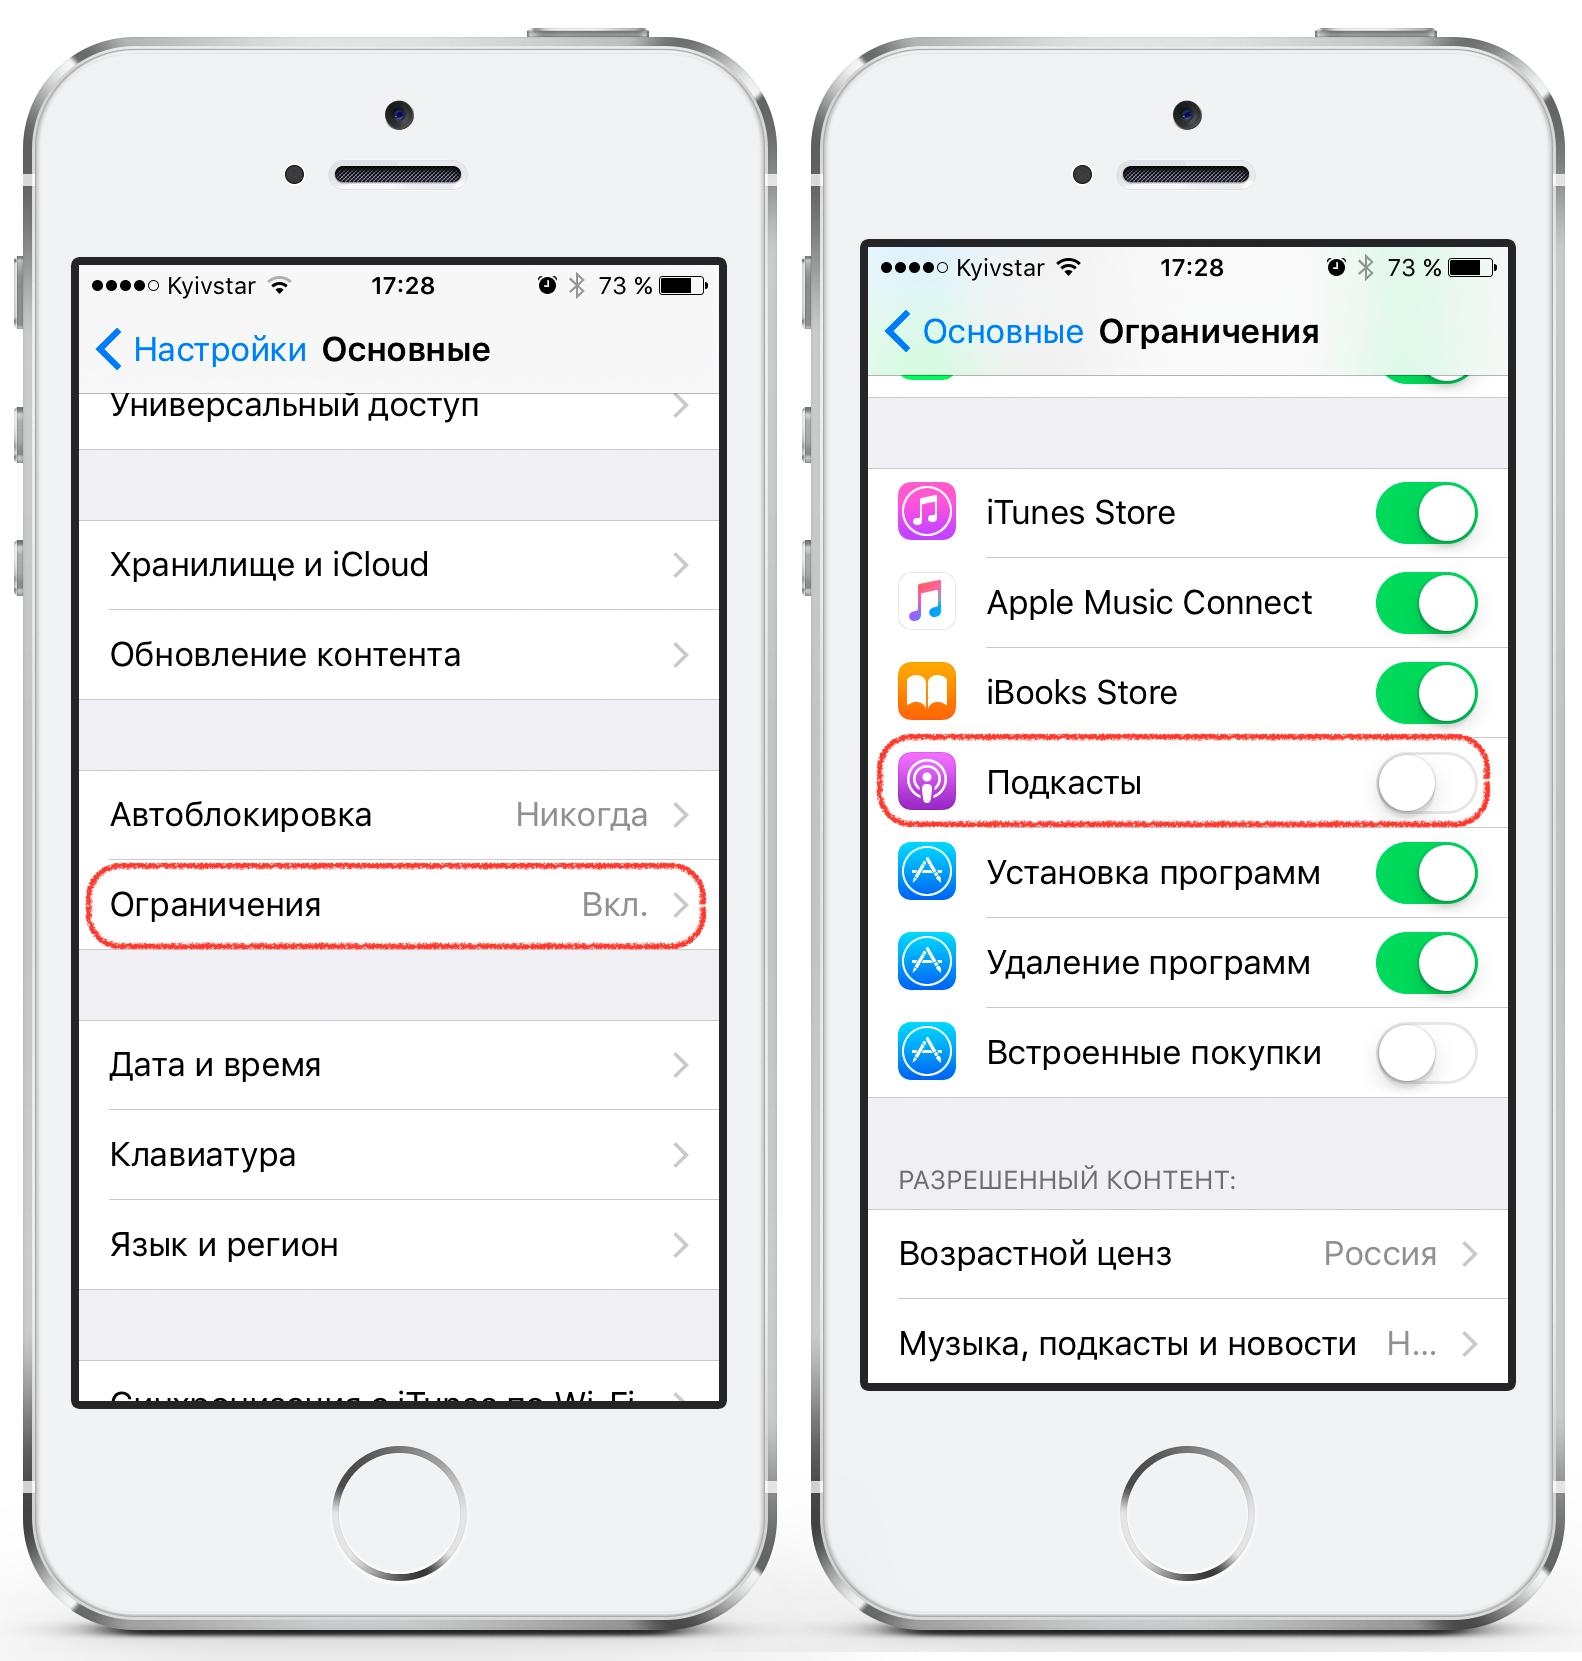 Как сделать заблокировать айфон